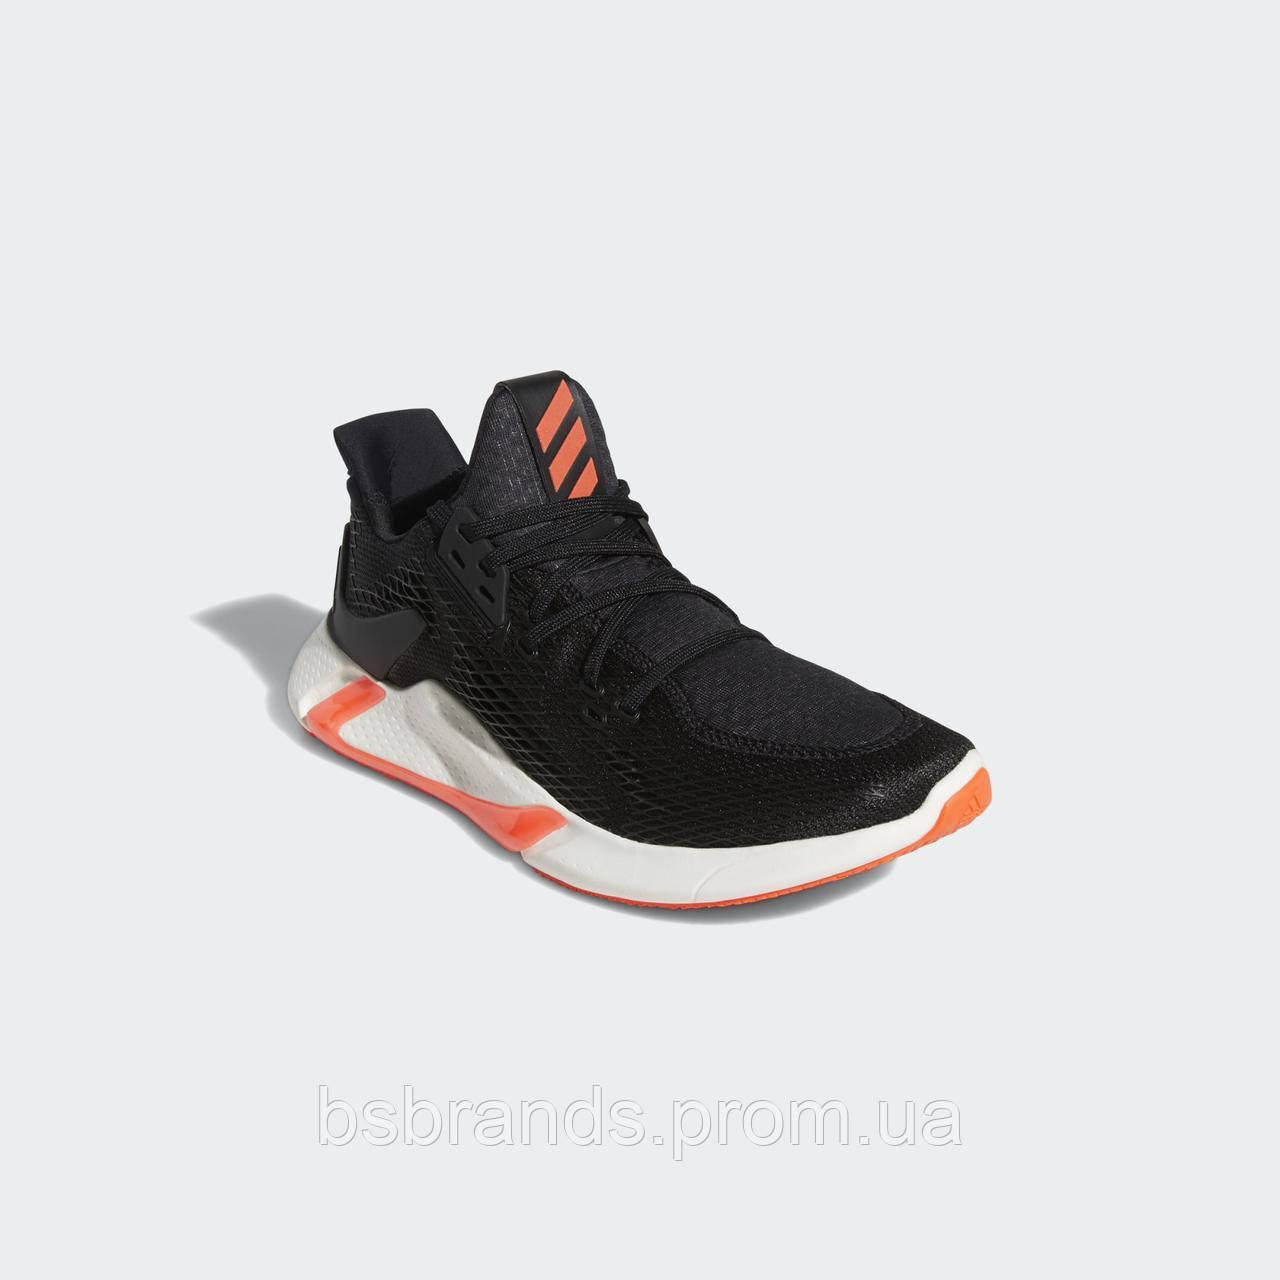 Чоловічі кросівки для бігу adidas Edge XT EE4162 (2020/1)